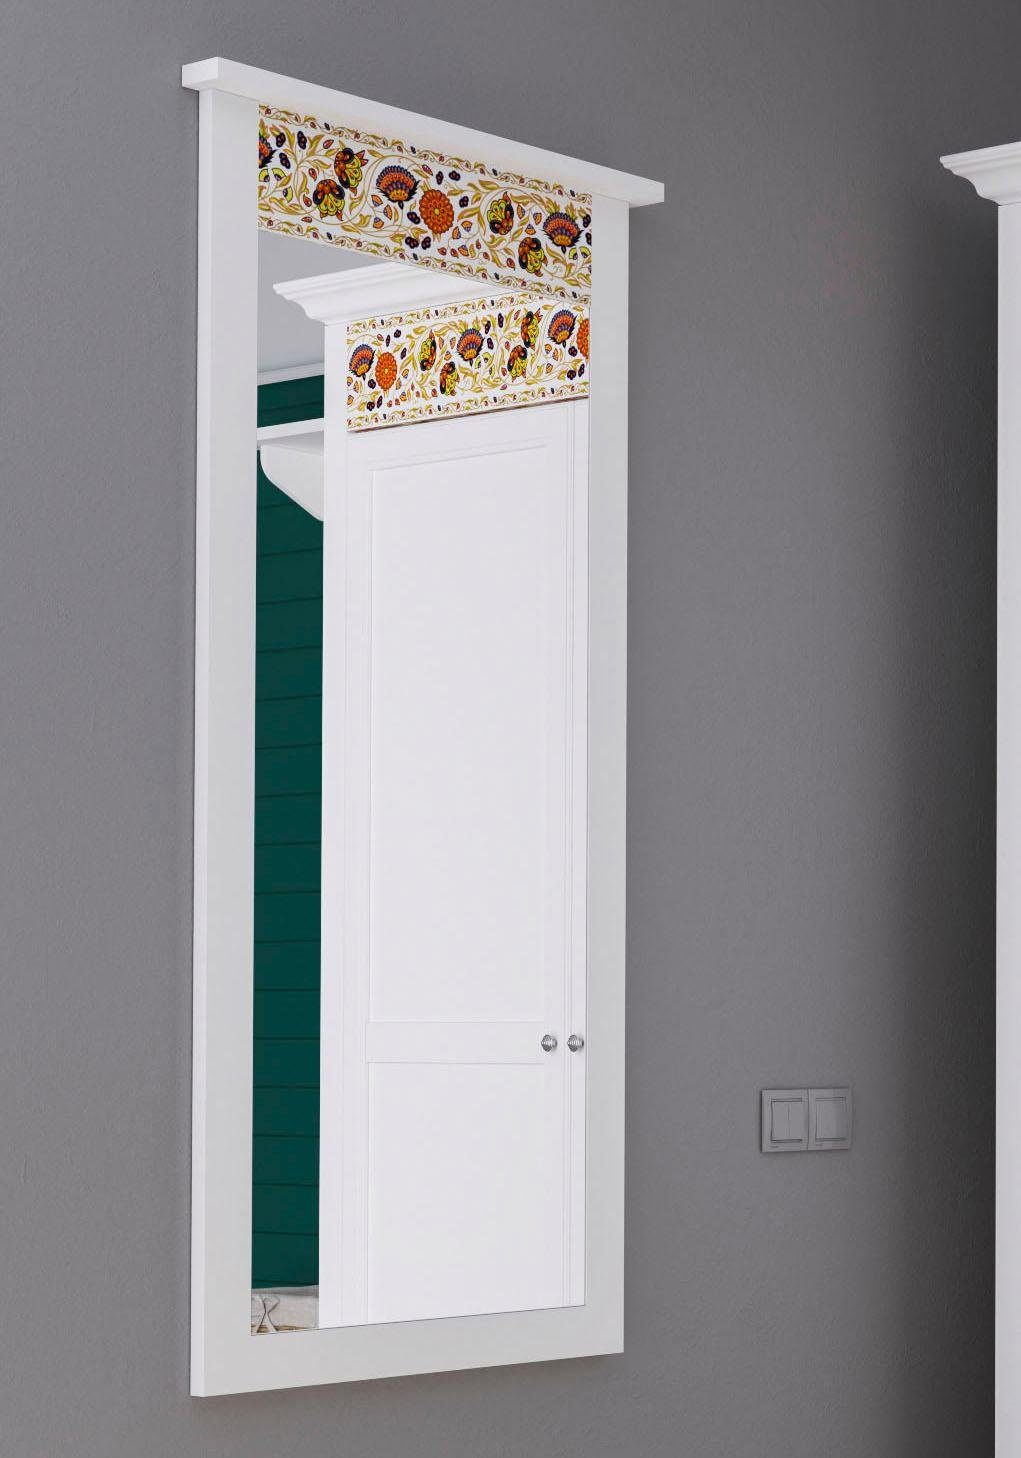 Home affaire Spiegel »Elza«, 65/142 cm mit dekorativem Muster